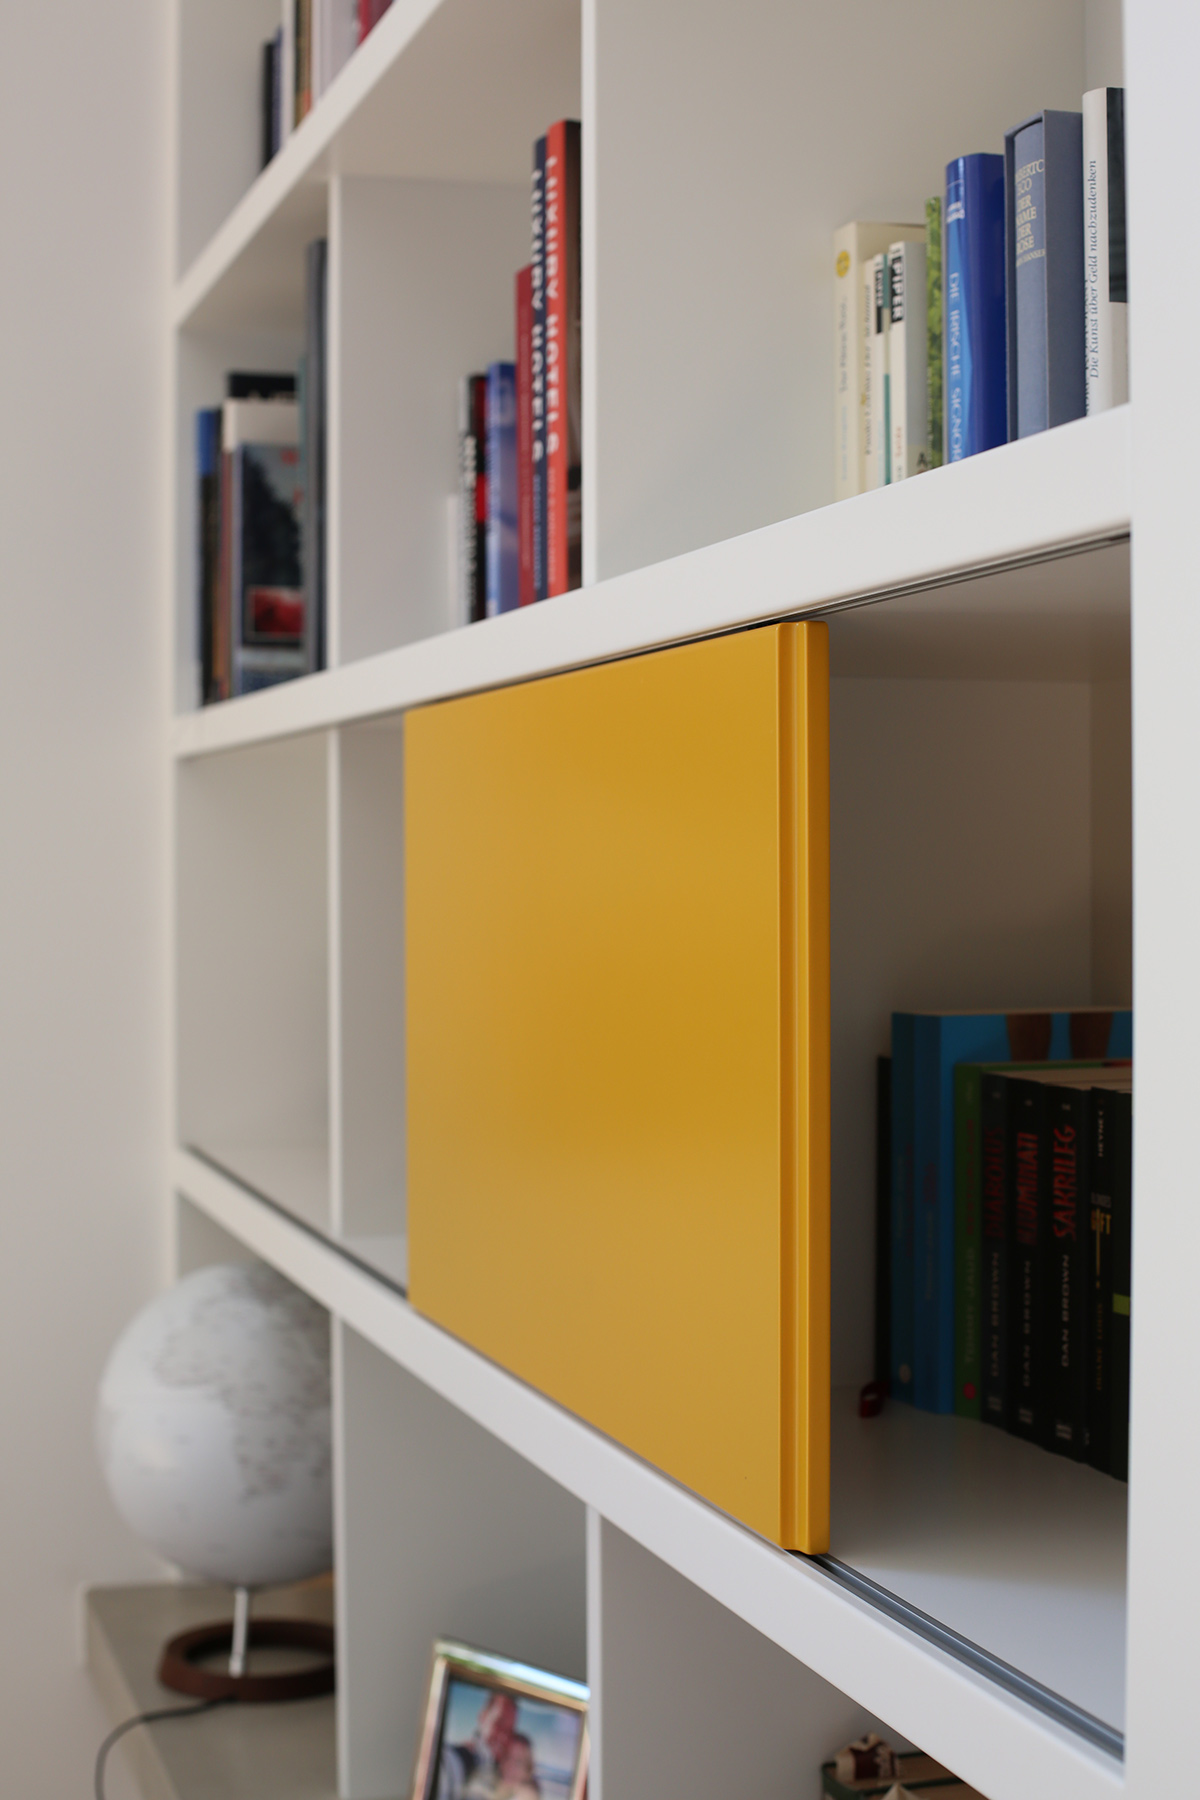 Bücherregal Schiebetür freiraum tischlerei